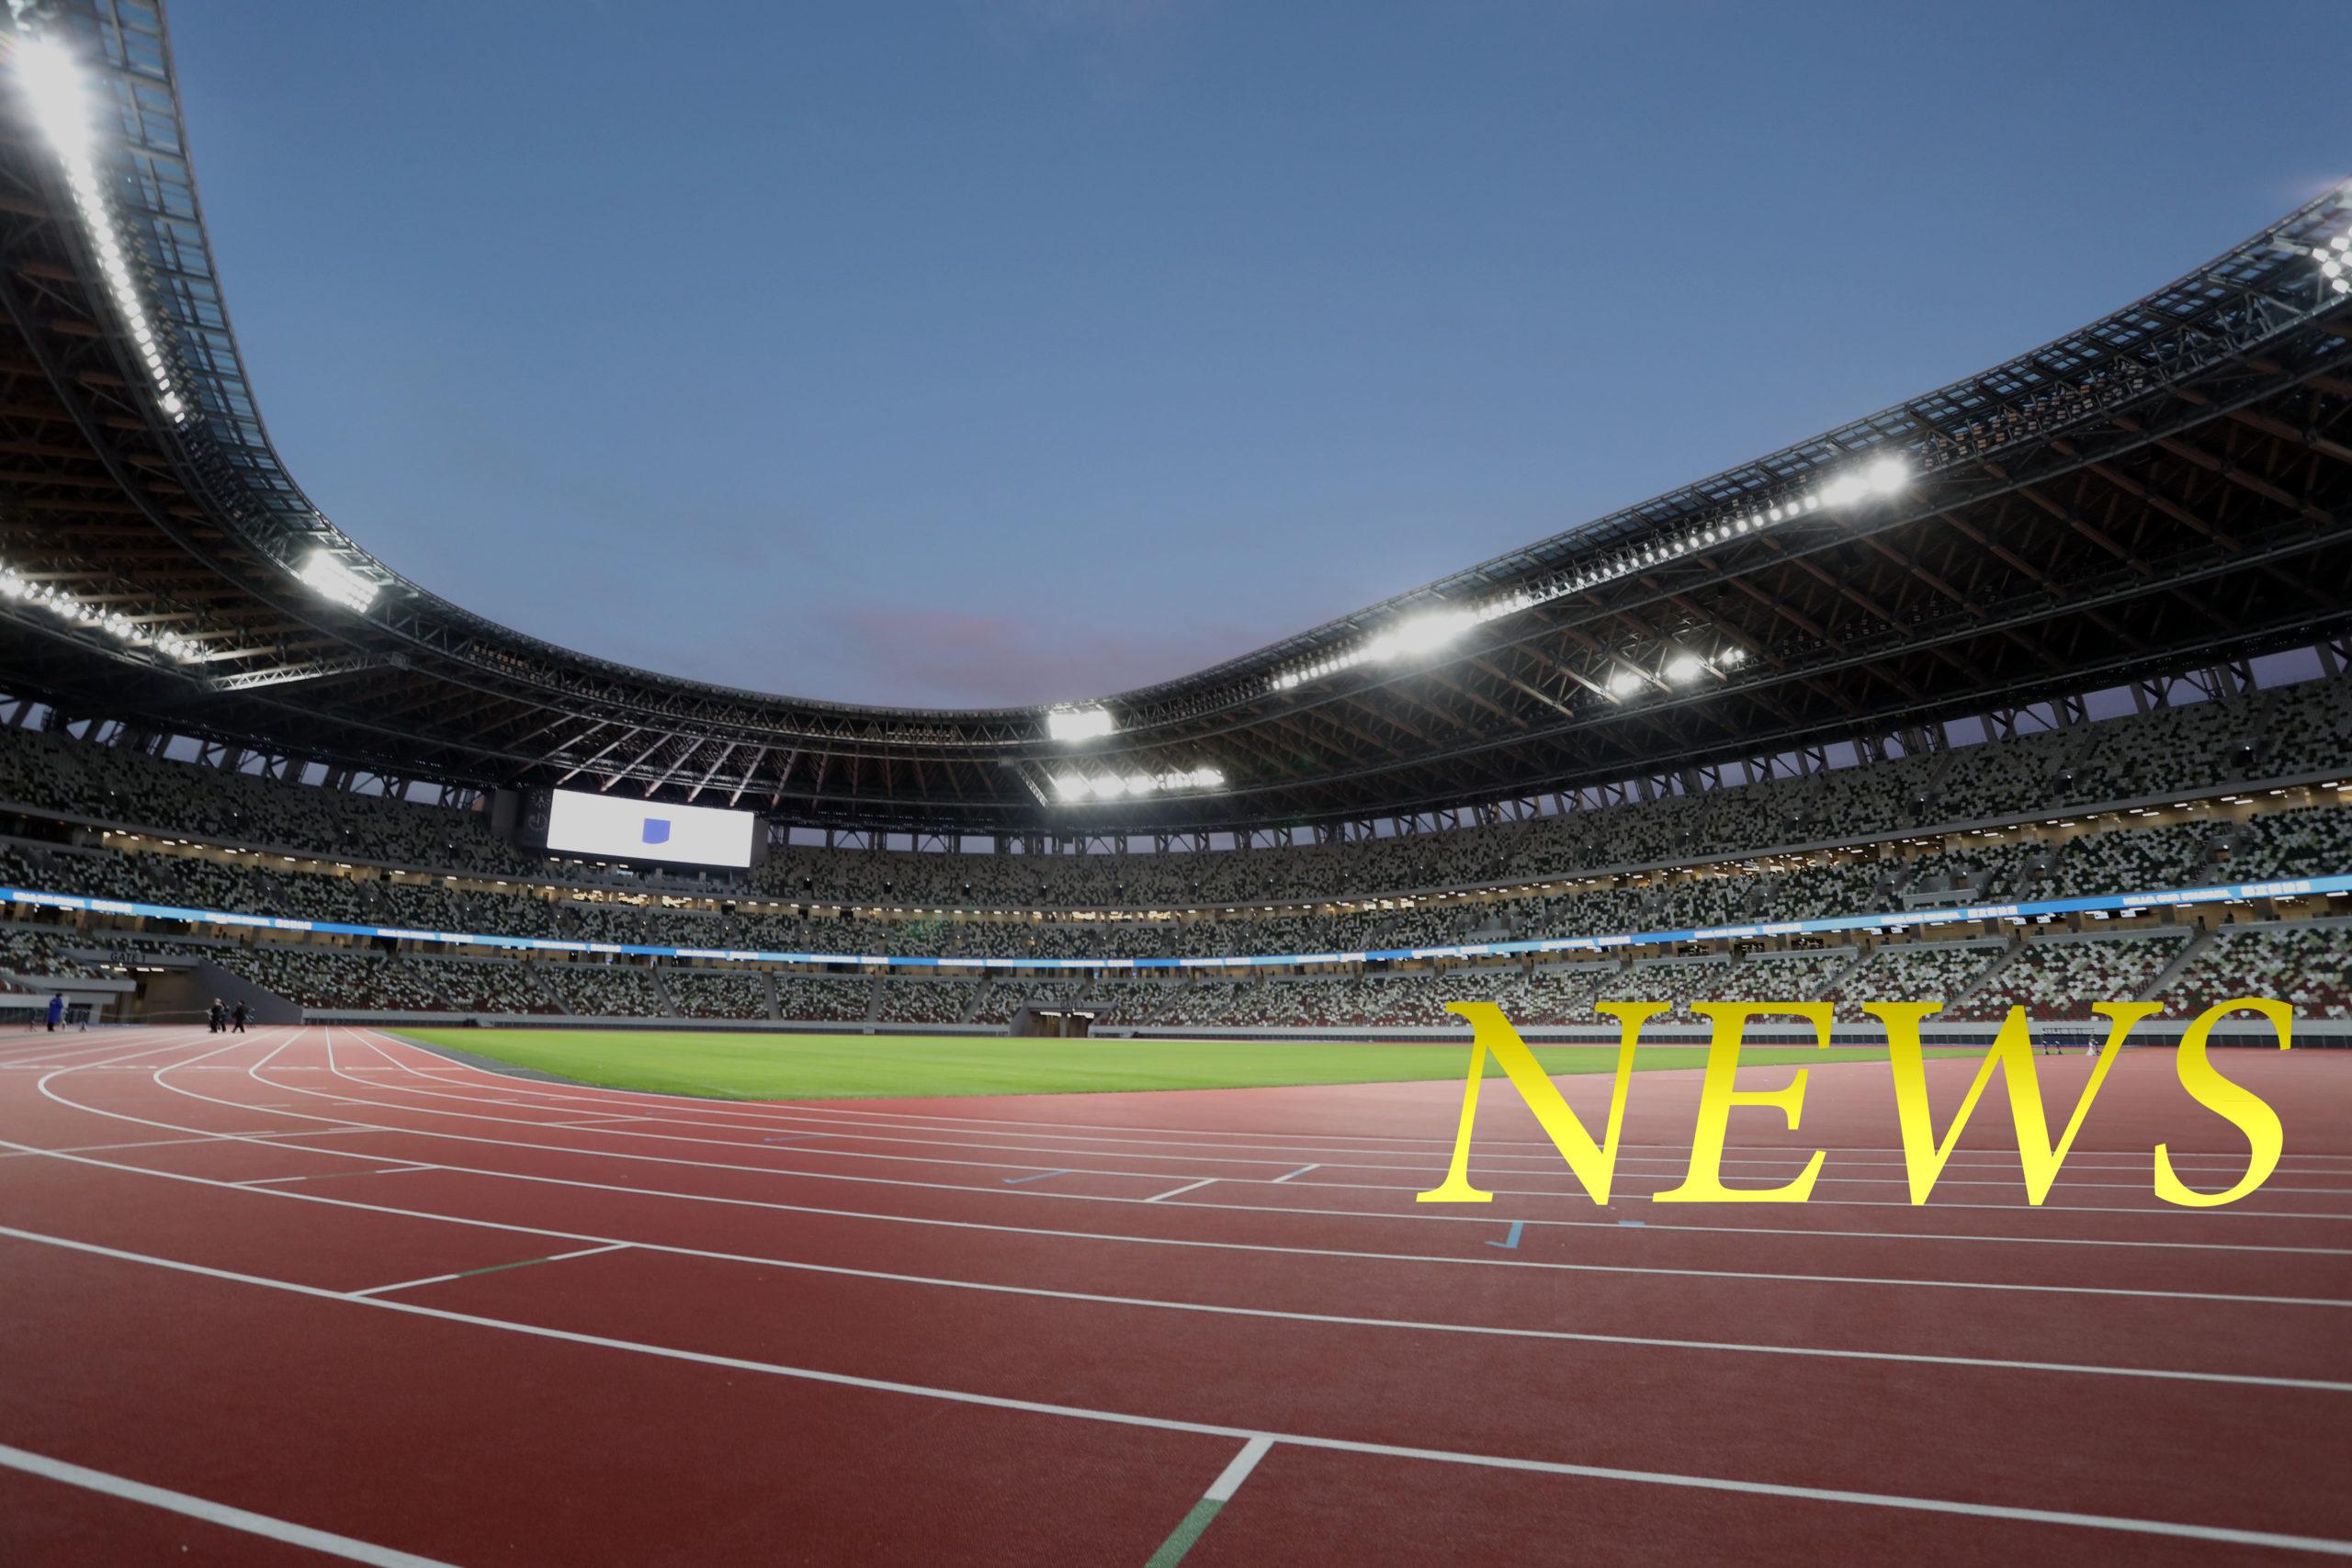 【海外】ダイヤモンドリーグ各大会での実施種目が決定 9月チューリヒで決勝全32種目